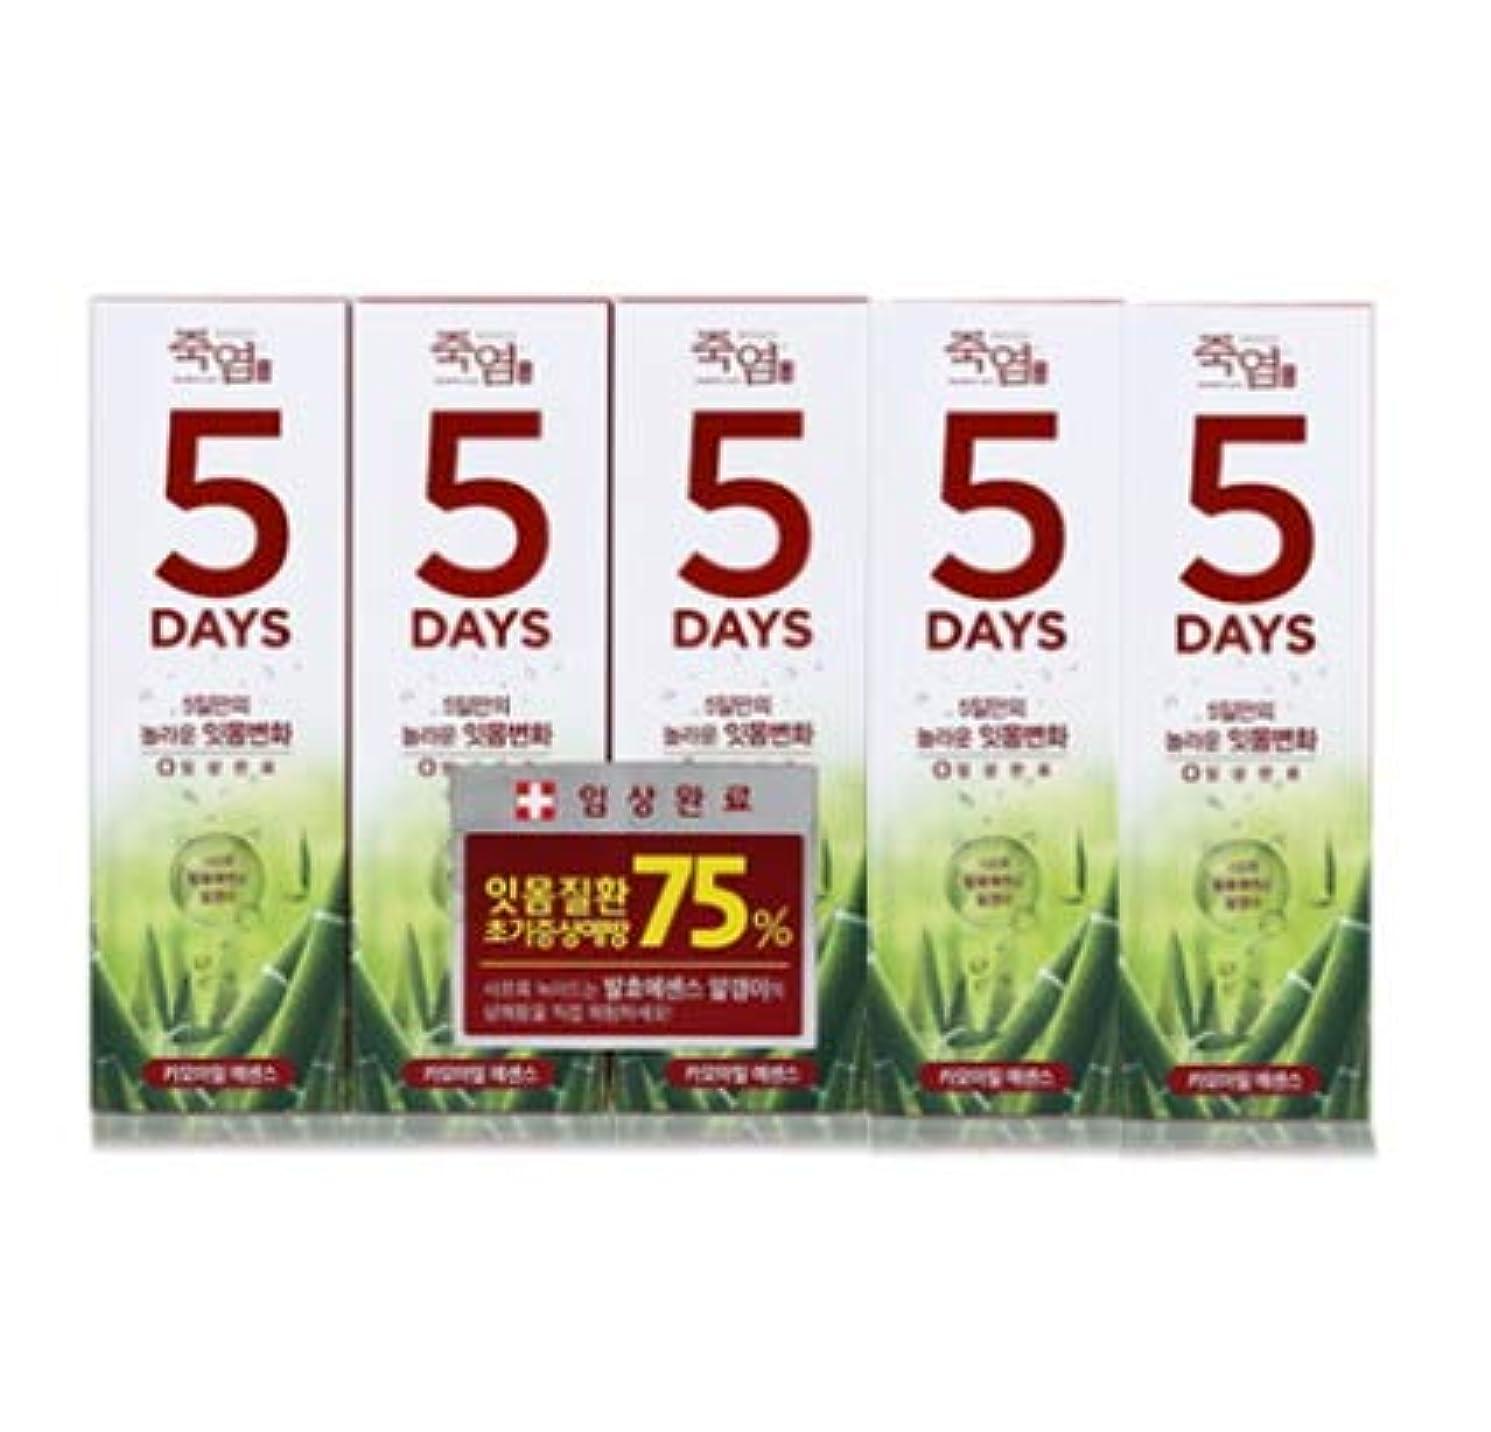 原稿ありふれたアベニュー[LG Care/LG生活健康]竹塩歯磨き粉5daysカモミールエッセンス100g x5ea/歯磨きセットスペシャル?リミテッドToothpaste Set Special Limited Korea(海外直送品)